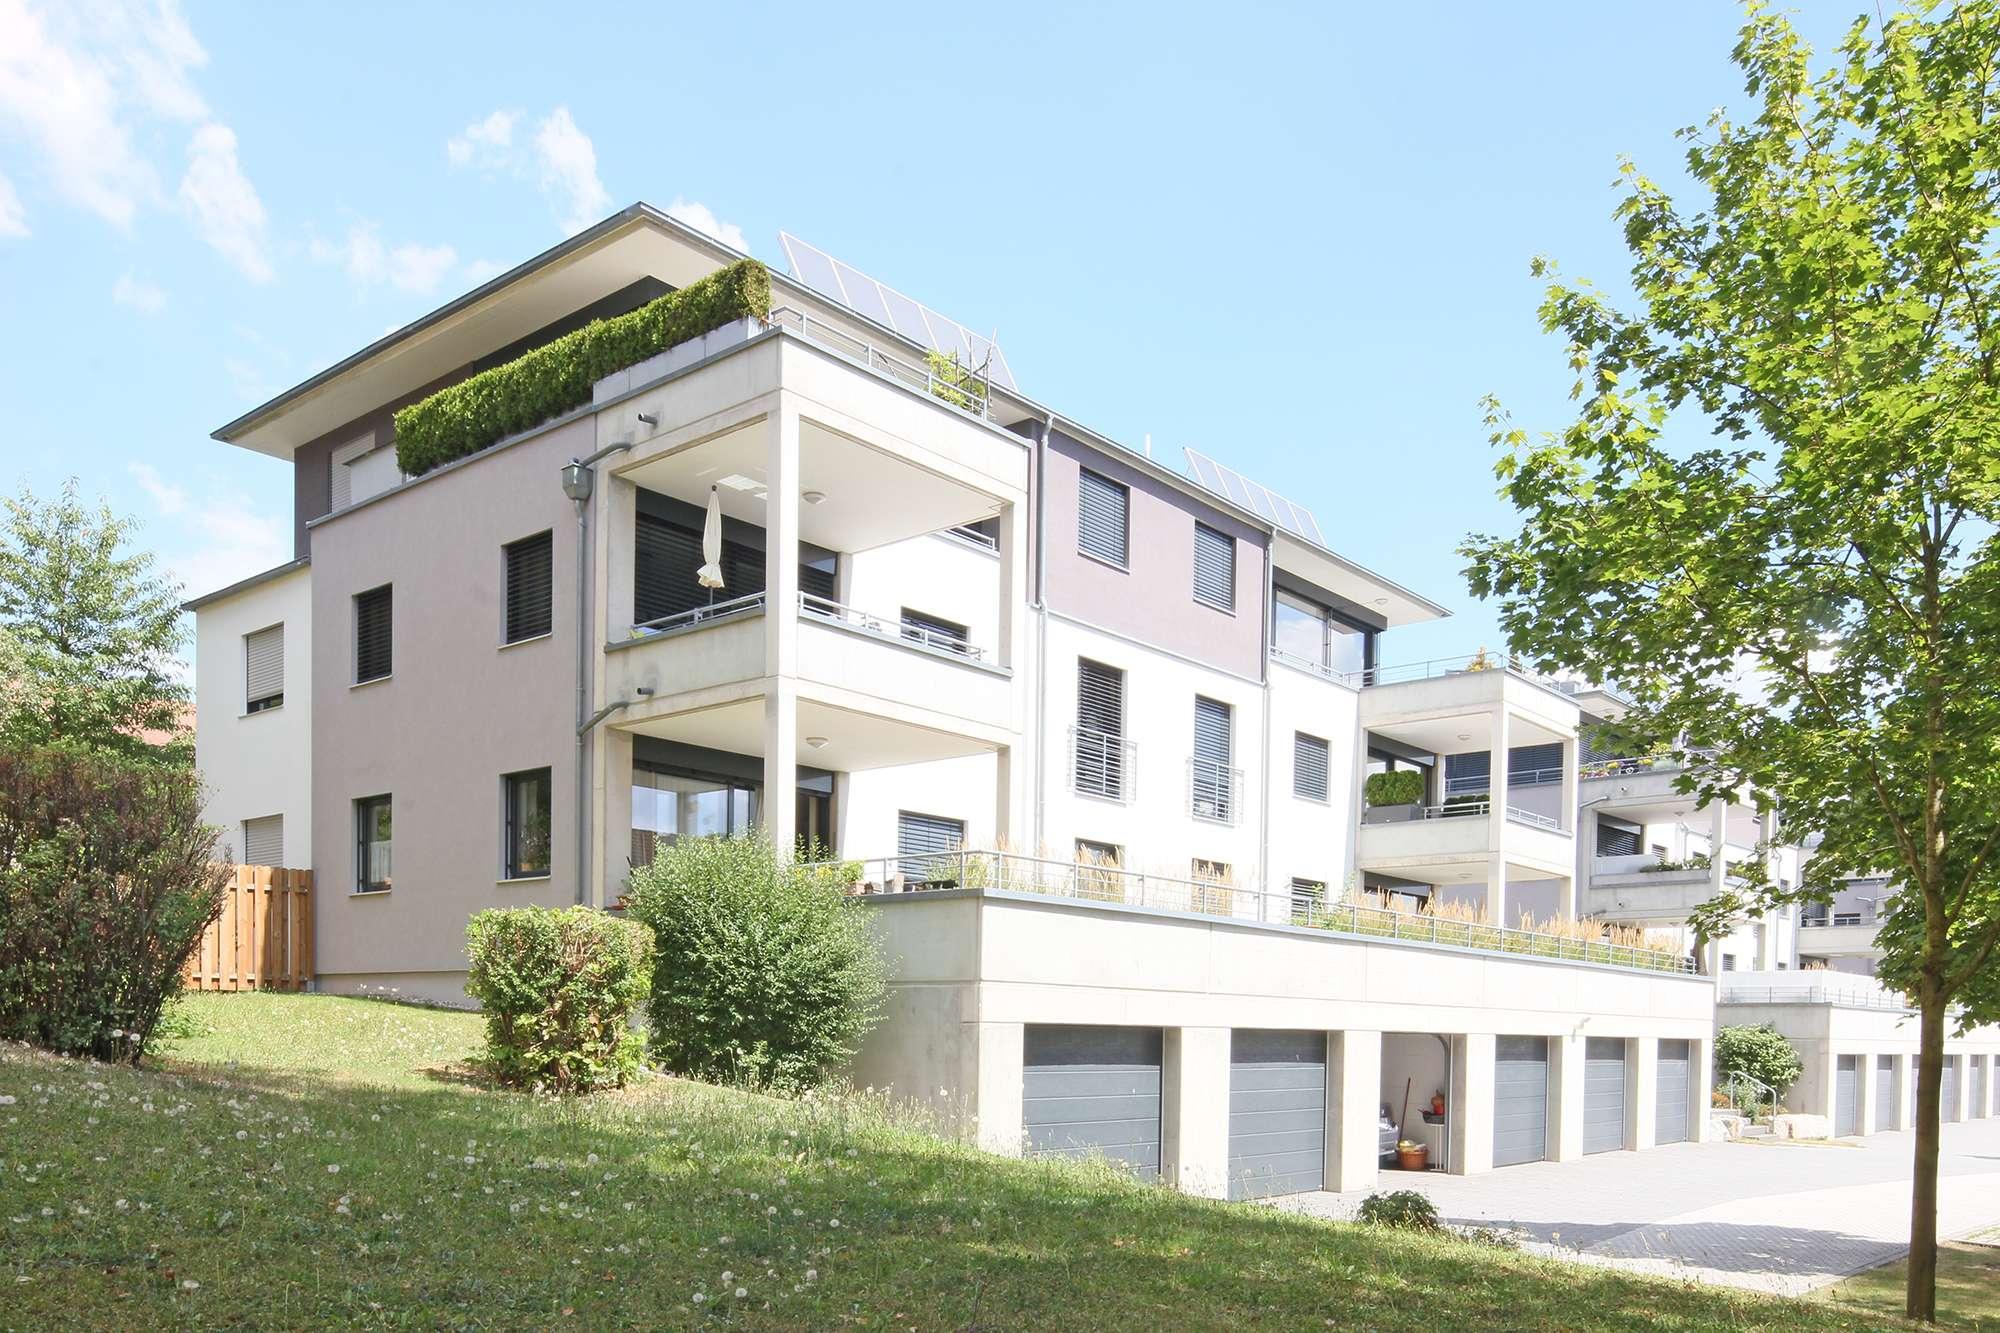 Penthousewohnung mit Top-Küche und bodentiefer Verglasung zur Dachterrasse am Festspielhügel!